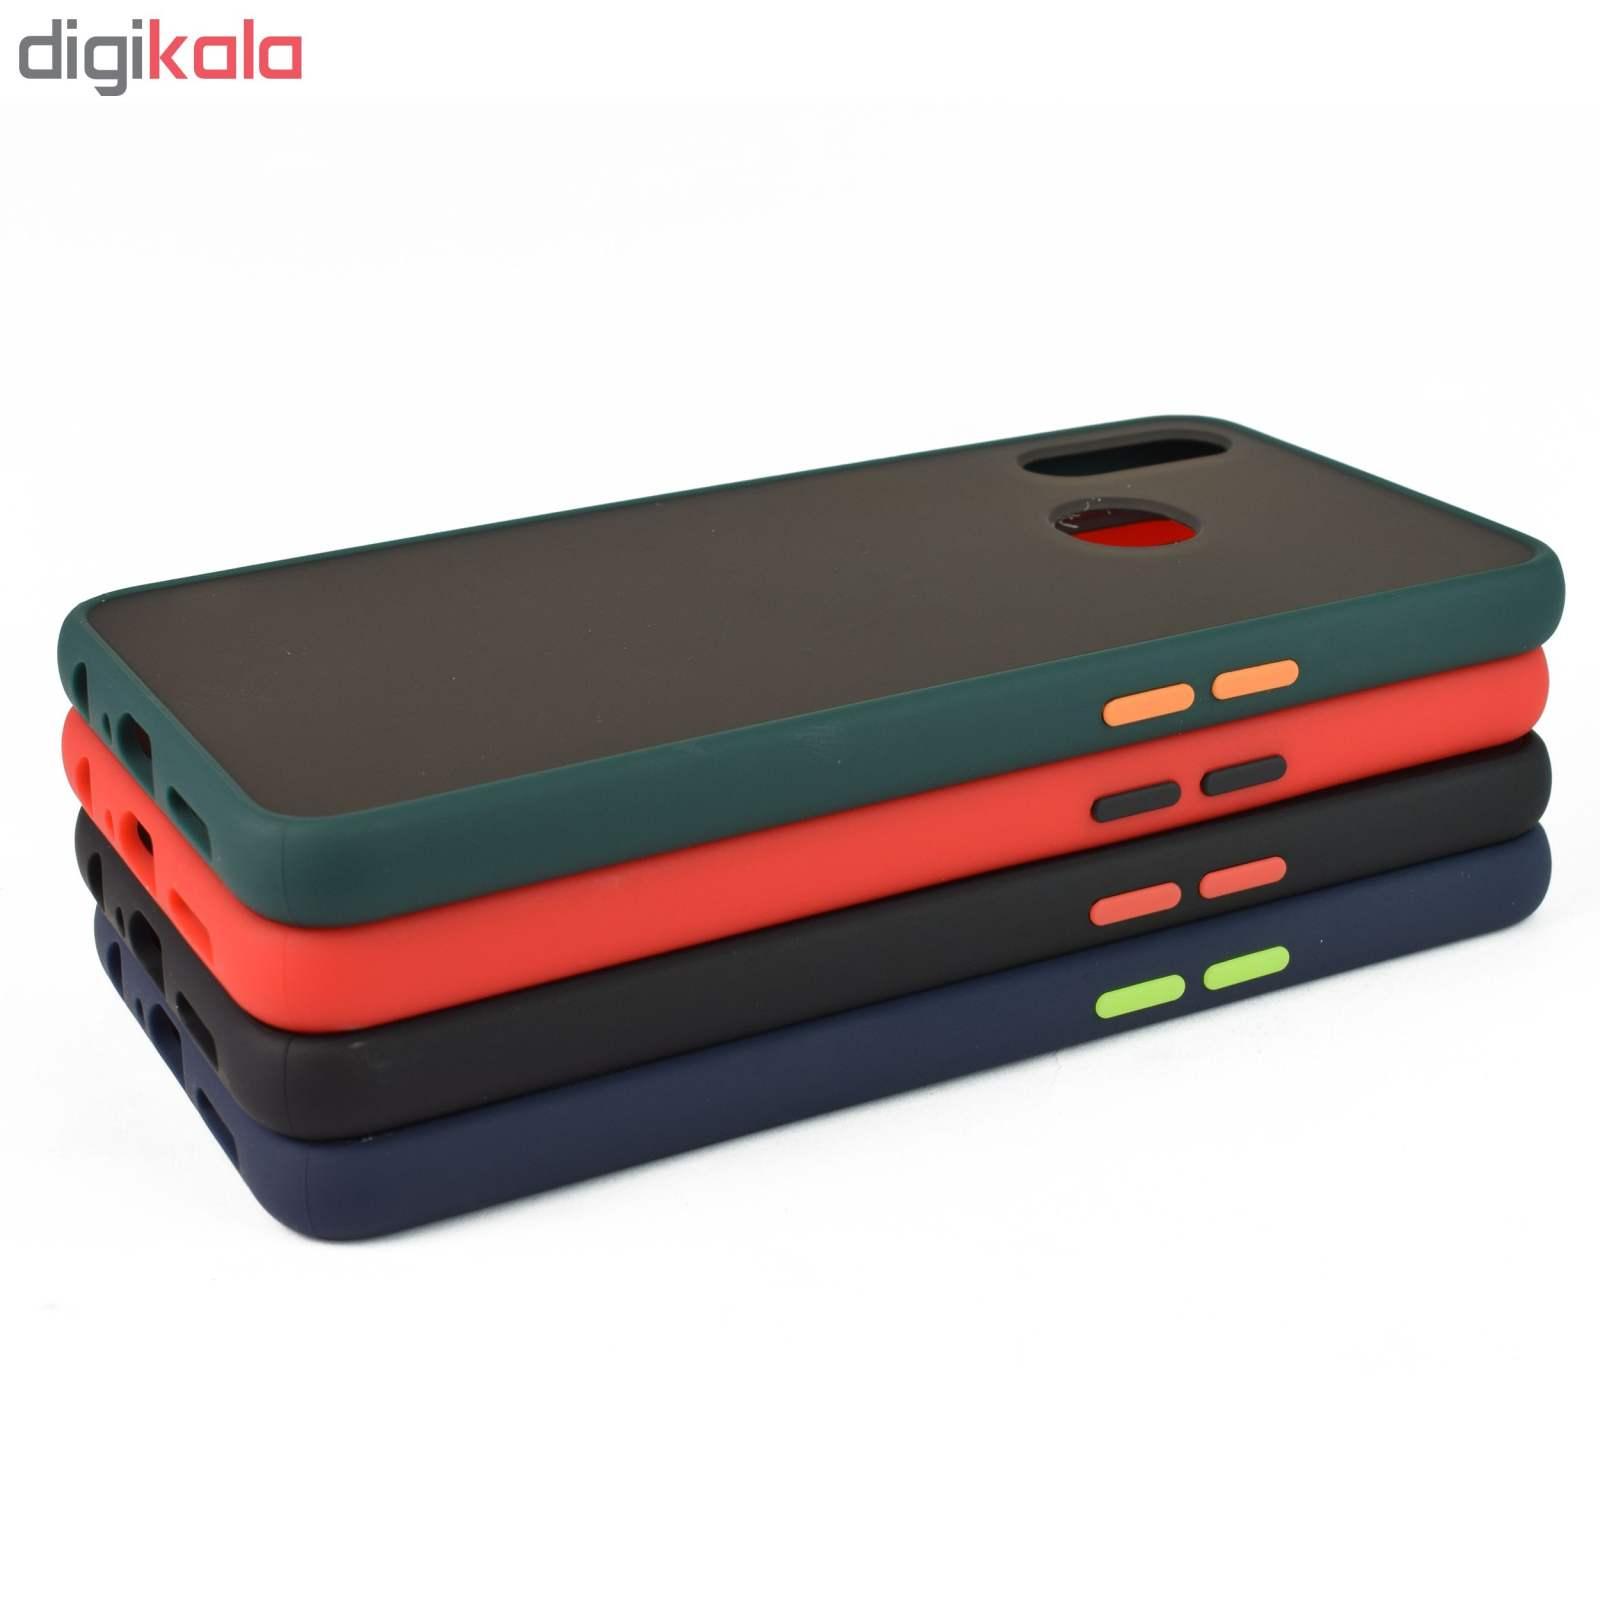 کاور مدل Slico01 مناسب برای گوشی موبایل سامسونگ Galaxy A10S main 1 1